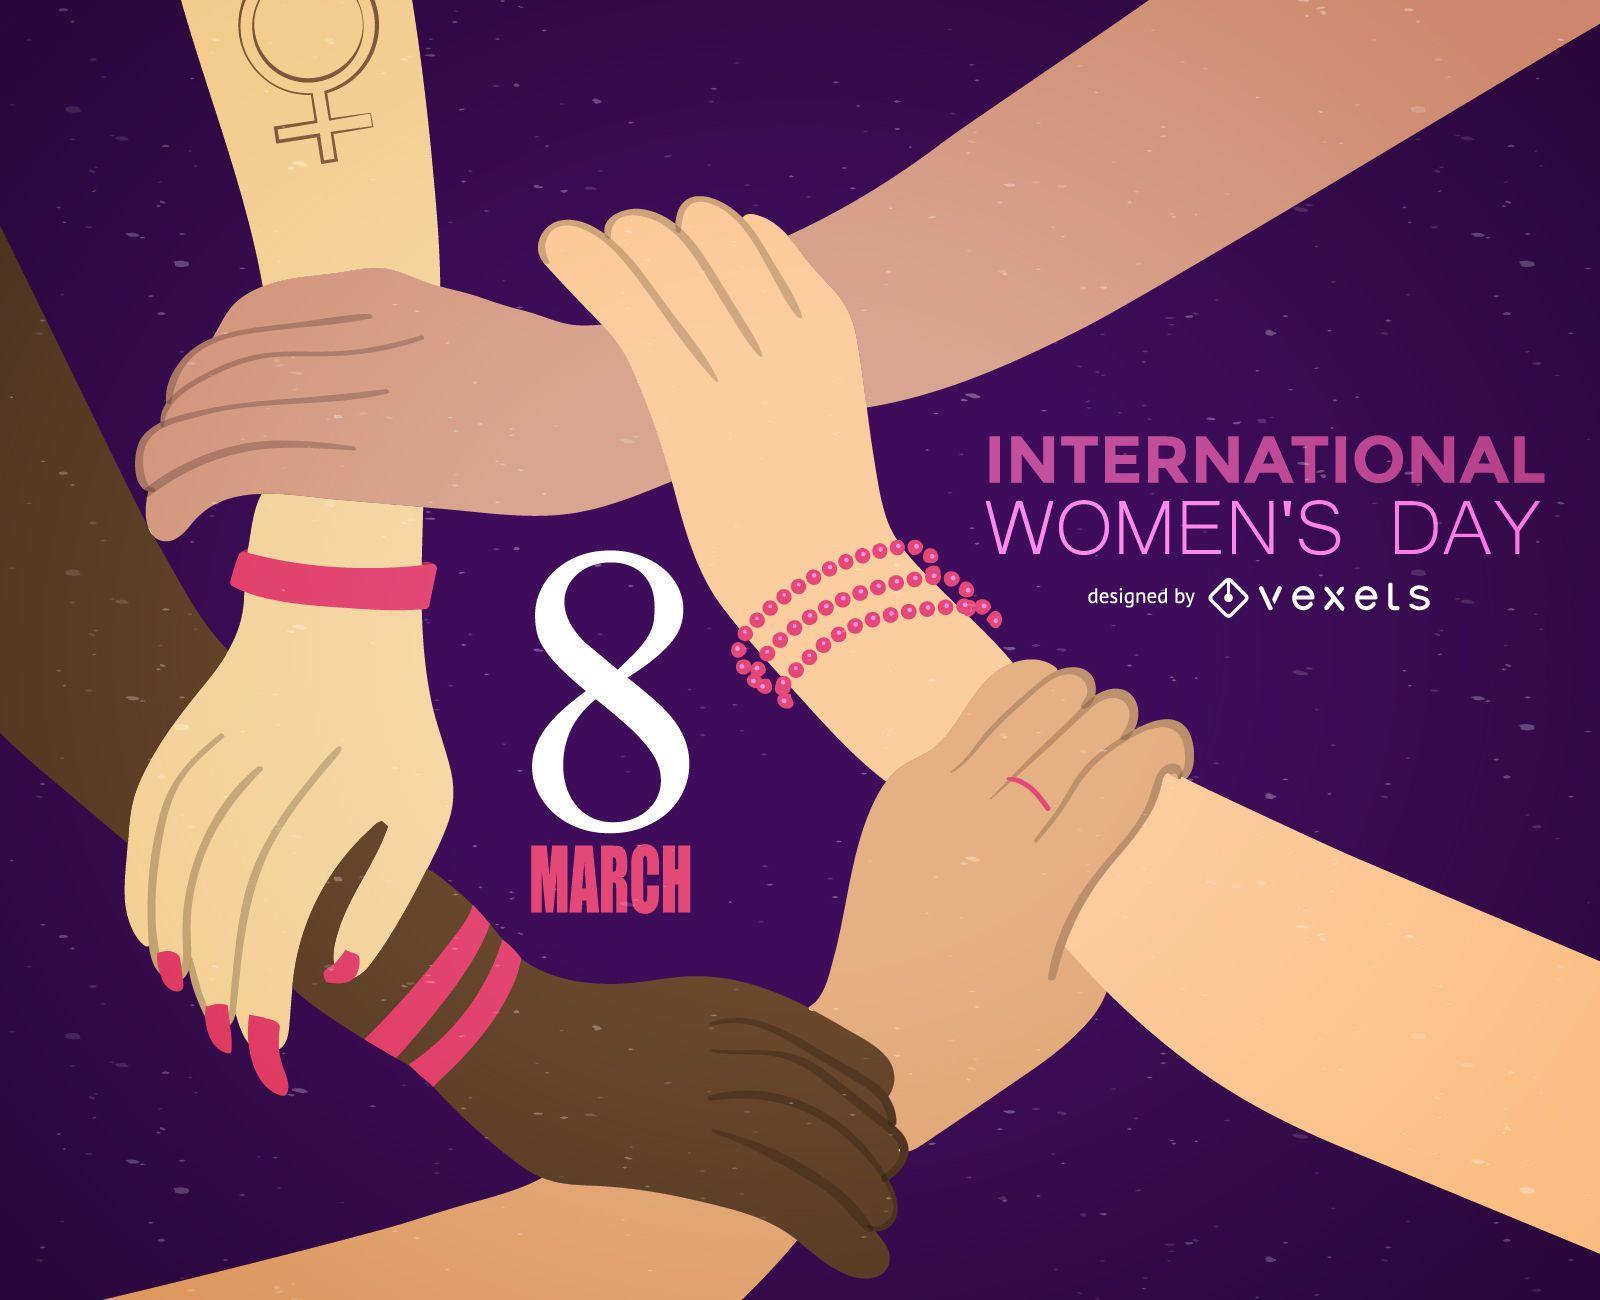 Ilustraci?n del D?a Internacional de la Mujer 8 de marzo